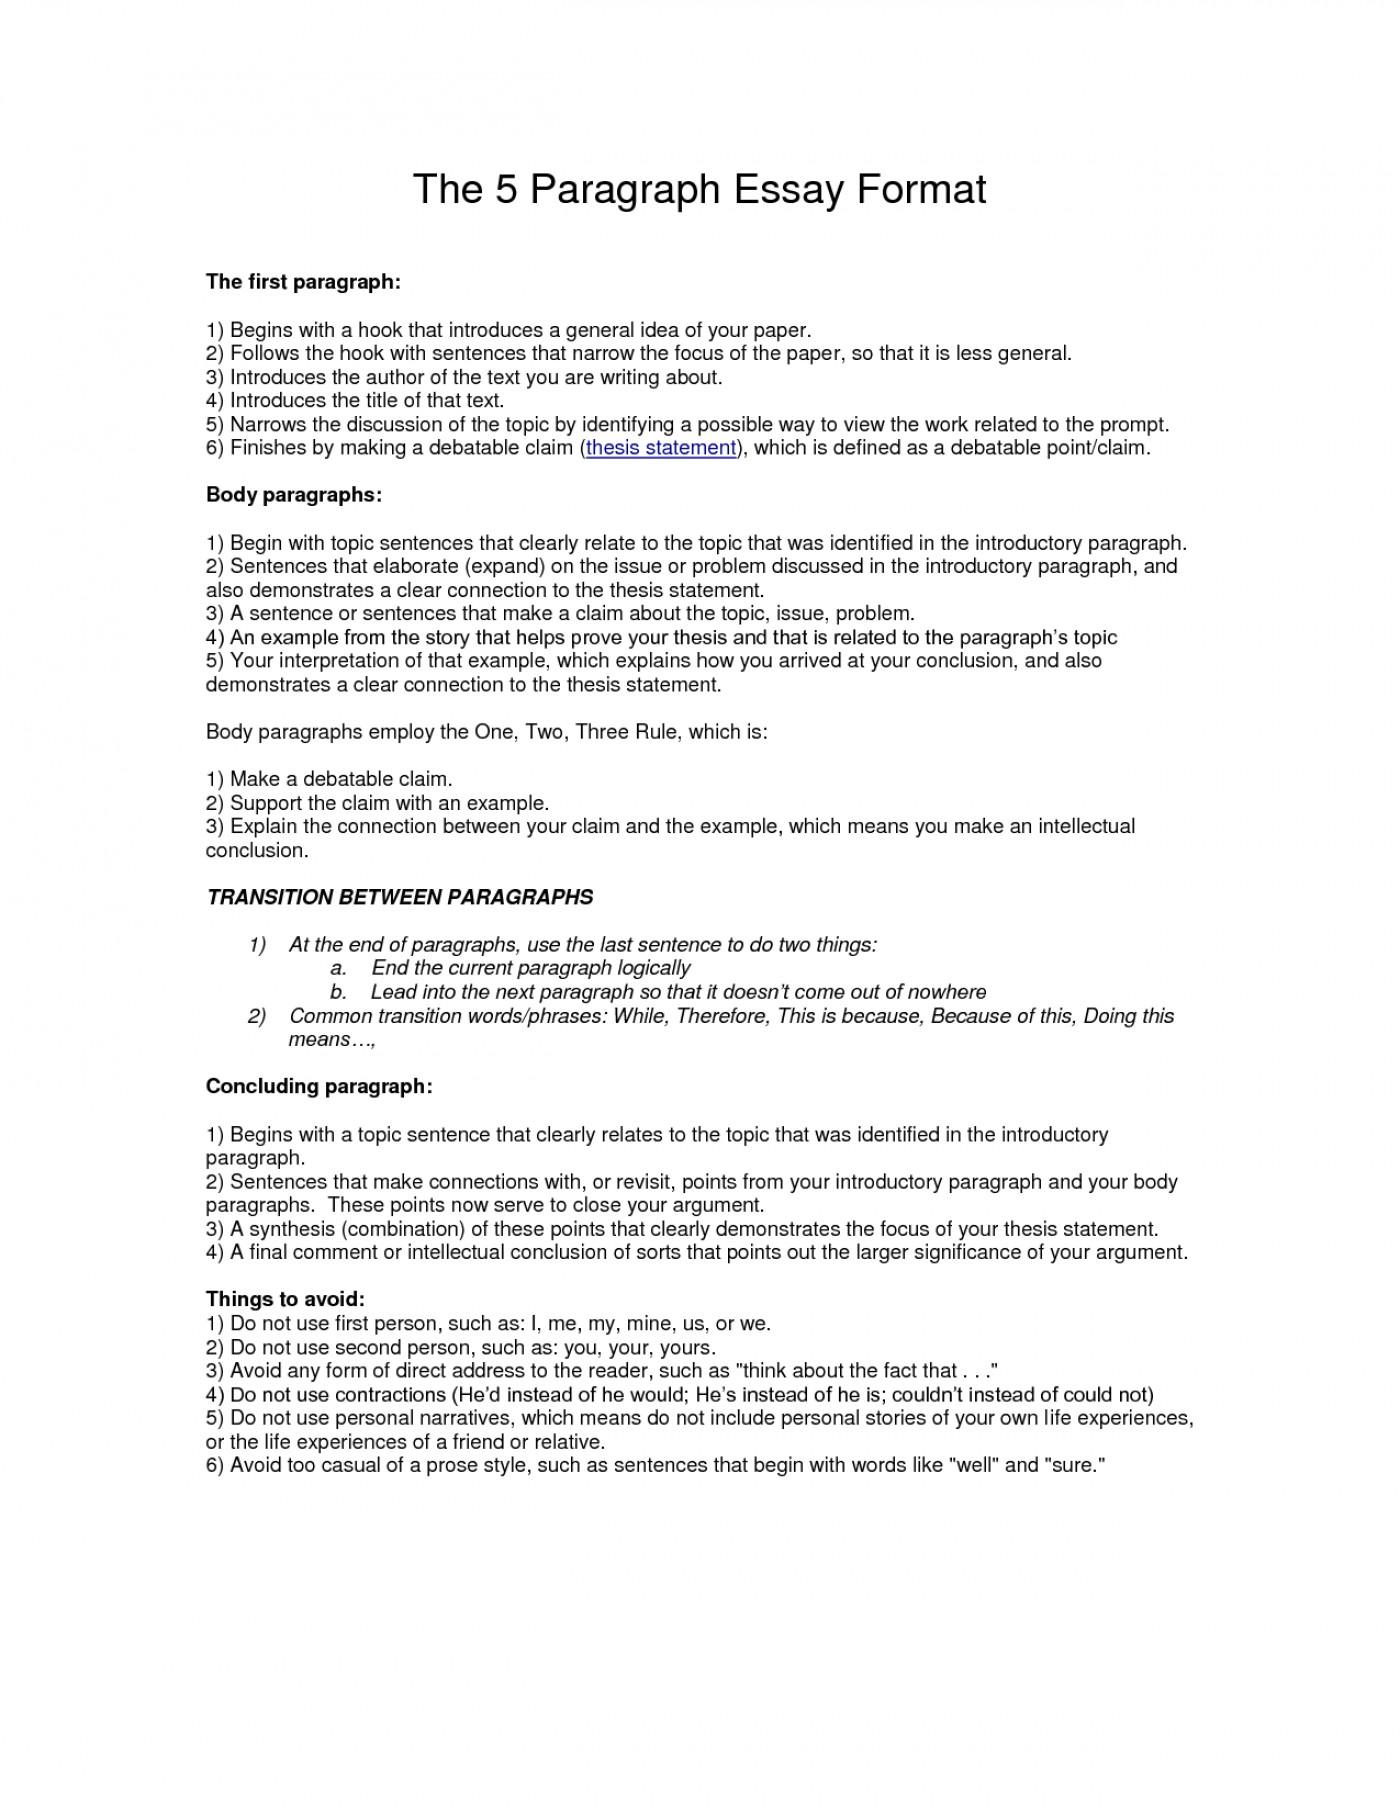 011 Essay Example Paragraph Outline Best Photos Of Format Write L Impressive 5 Five Template Pdf Argumentative 1400